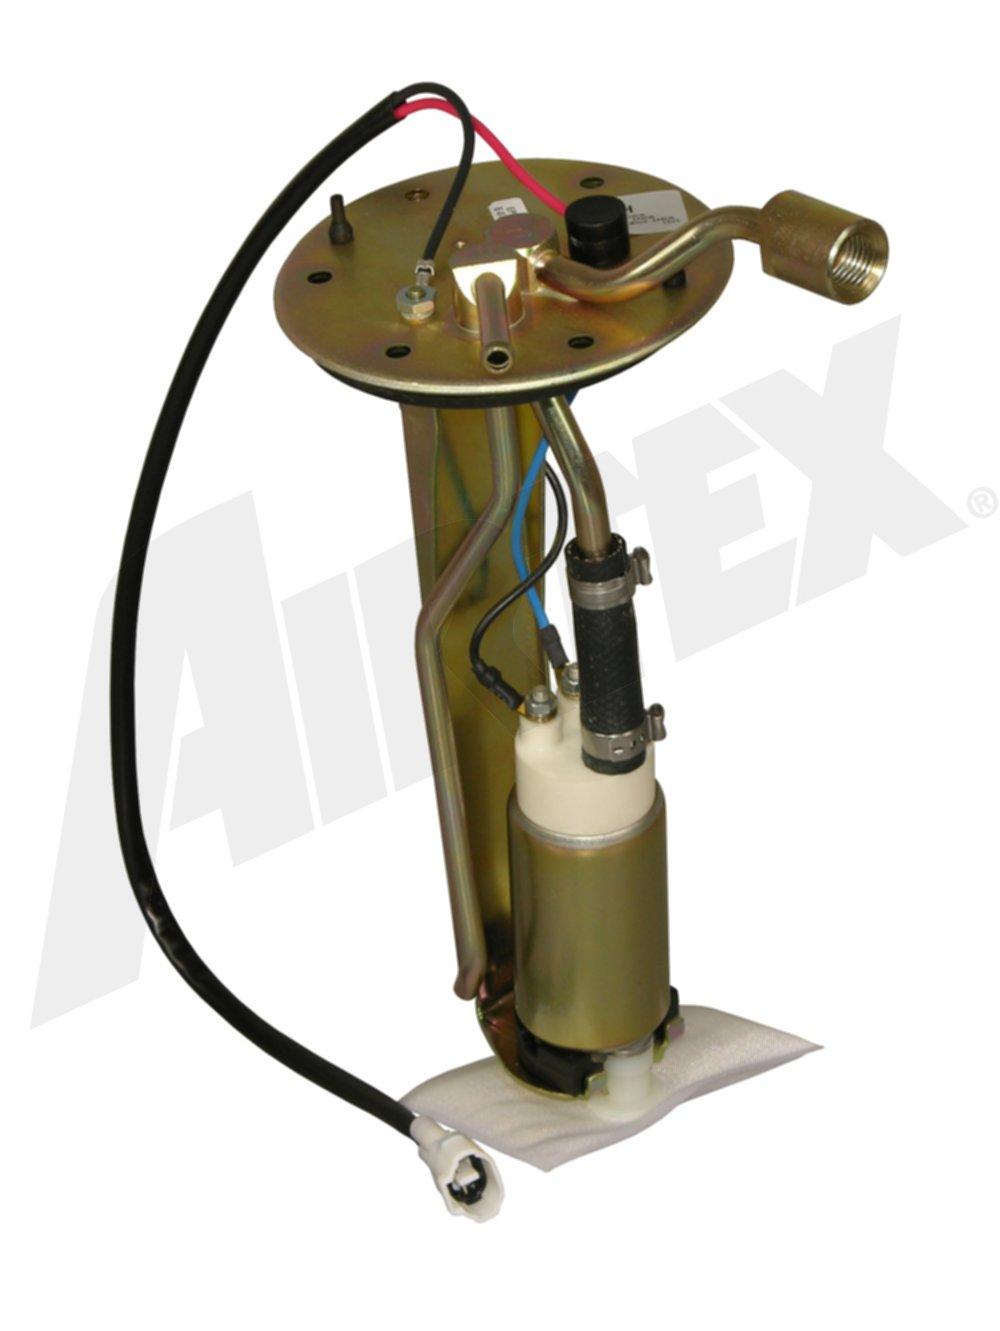 Airtex Fuel Pumps E8238H Fuel Pump Hanger Assembly Fits 1989-1991 GMC Tracker